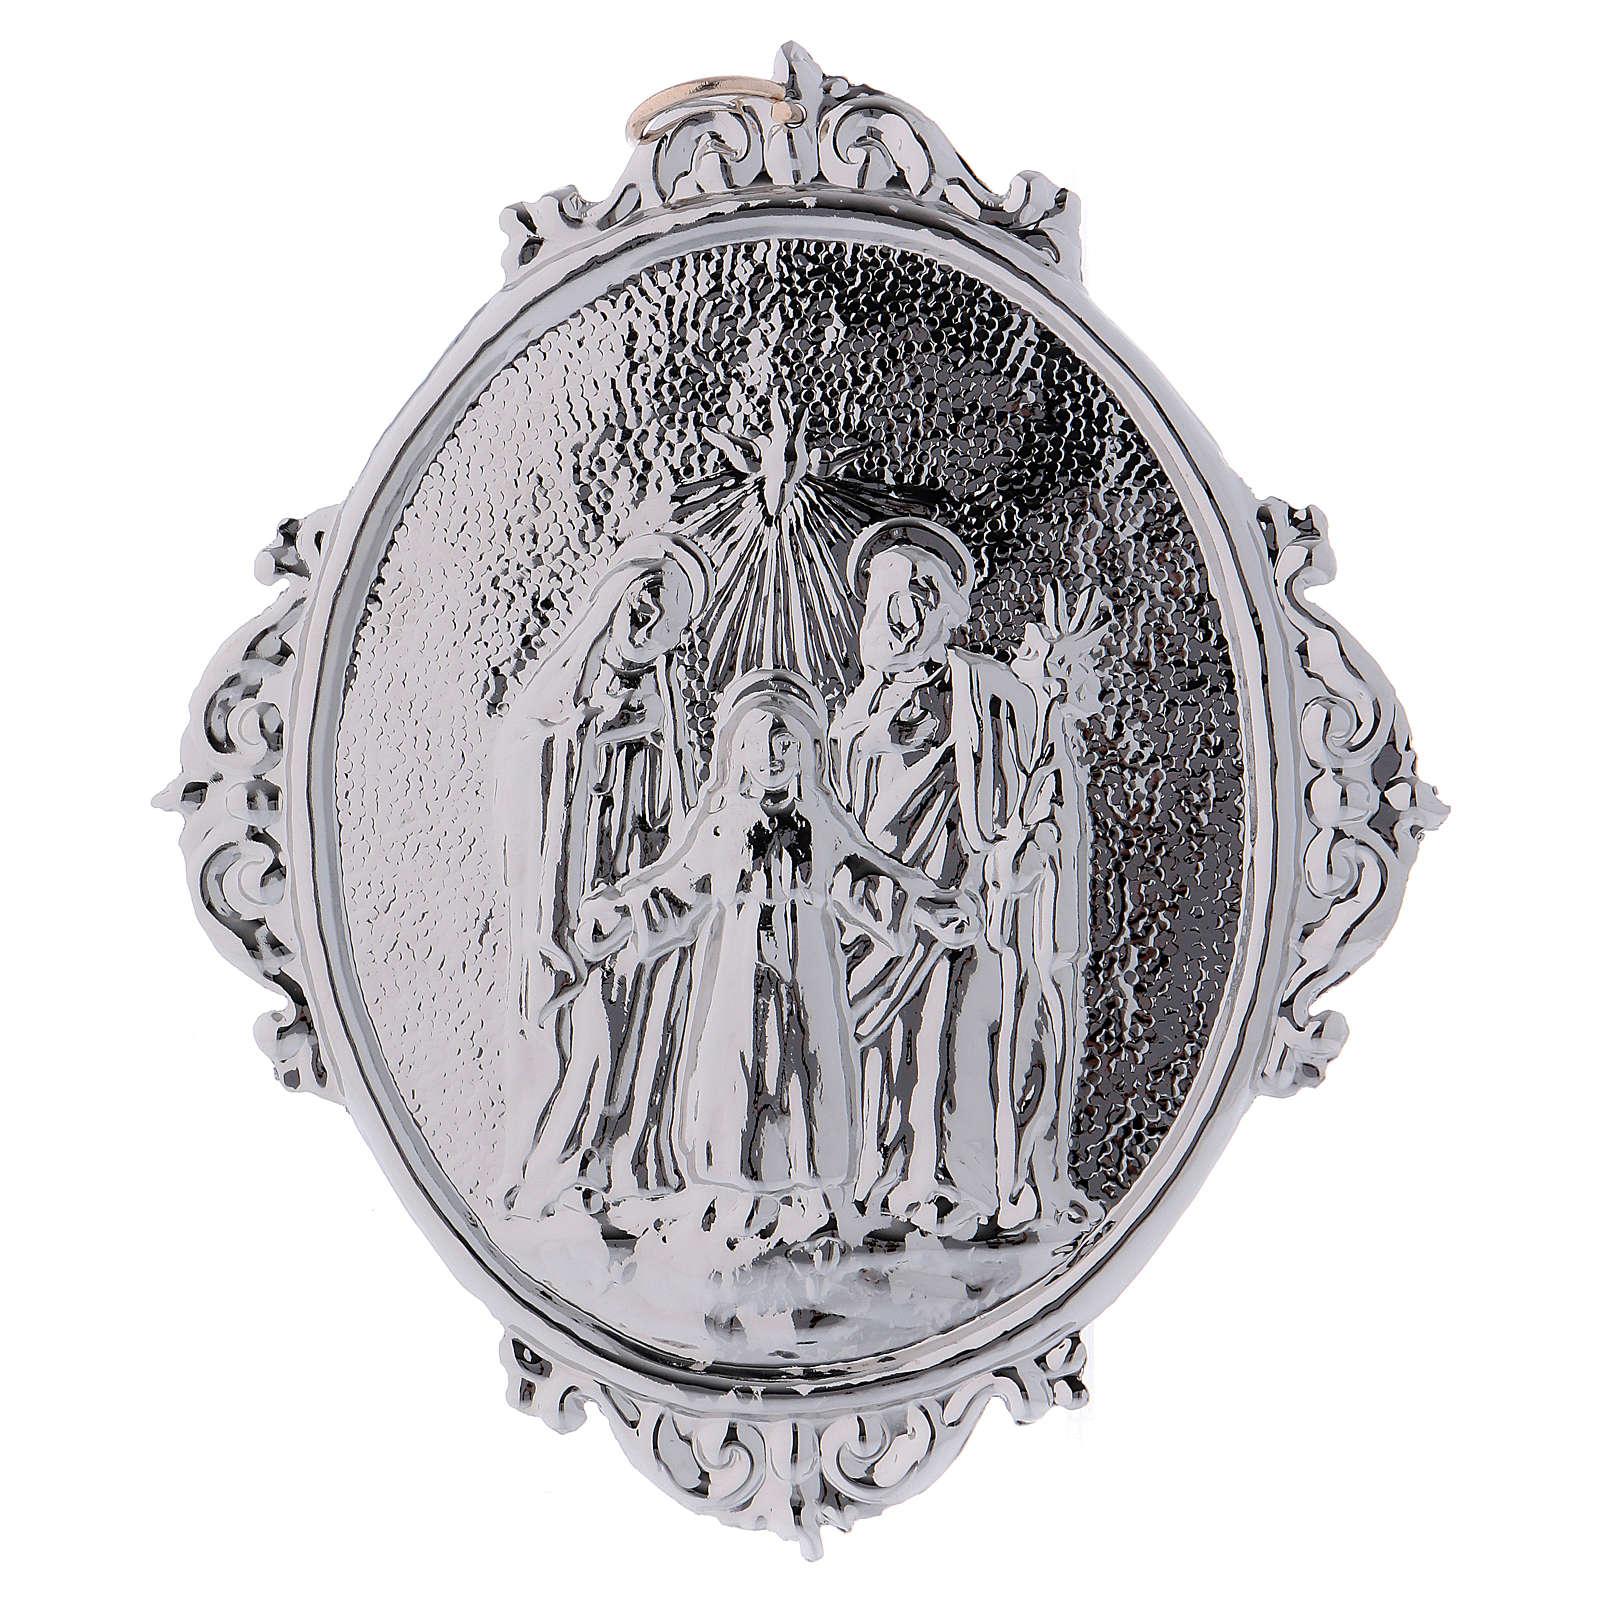 Medalla cofradía Sagrada Familia y trinidad 3